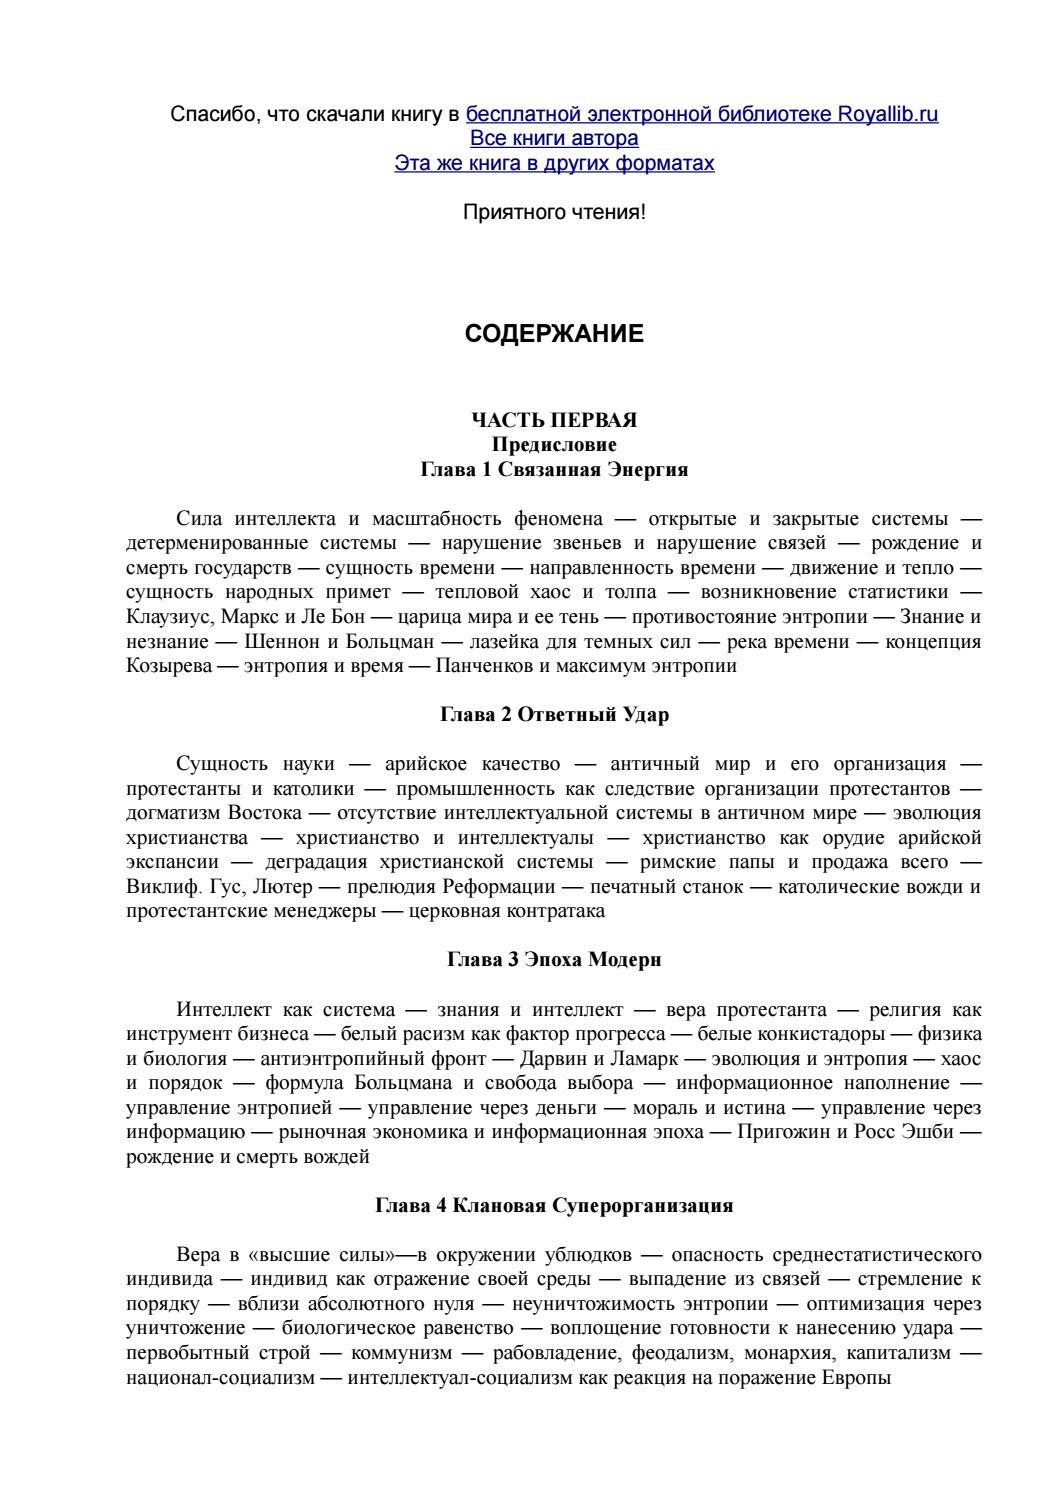 Оплата теле2 с банковской карты без комиссии через интернет